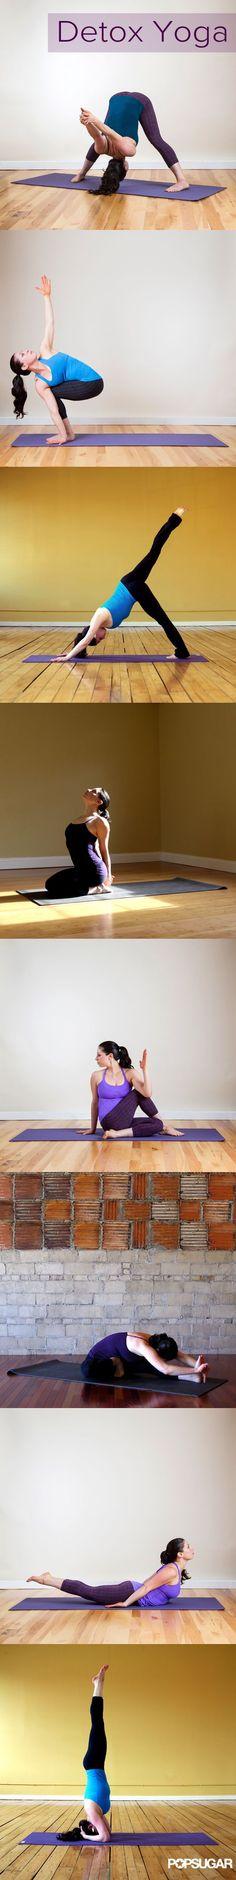 Detox Yoga: 8 poses